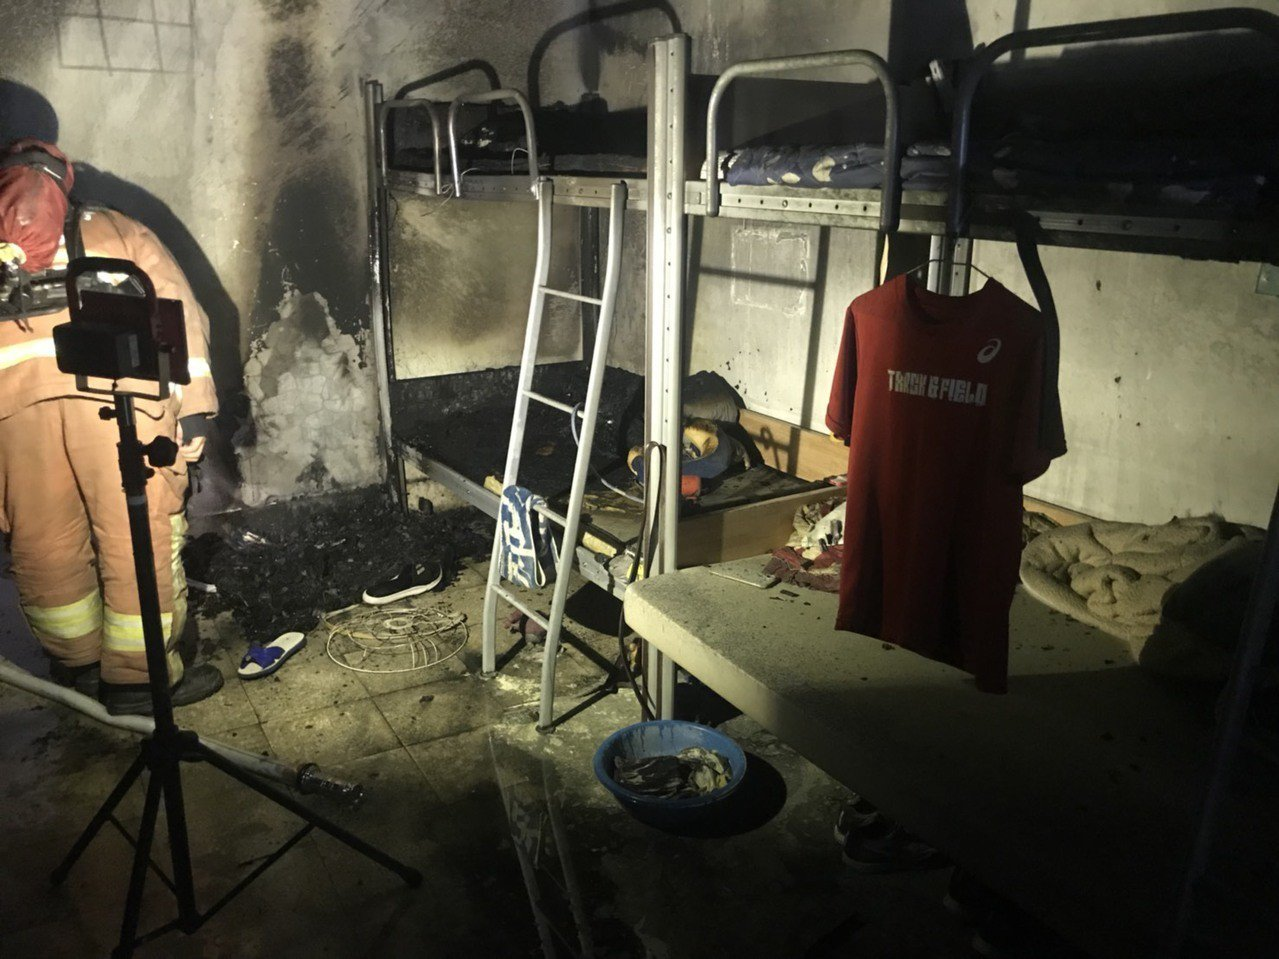 新北市板橋區漢生東路上的板橋第一體育館今天上午8時許發生火警。記者袁志豪/翻攝